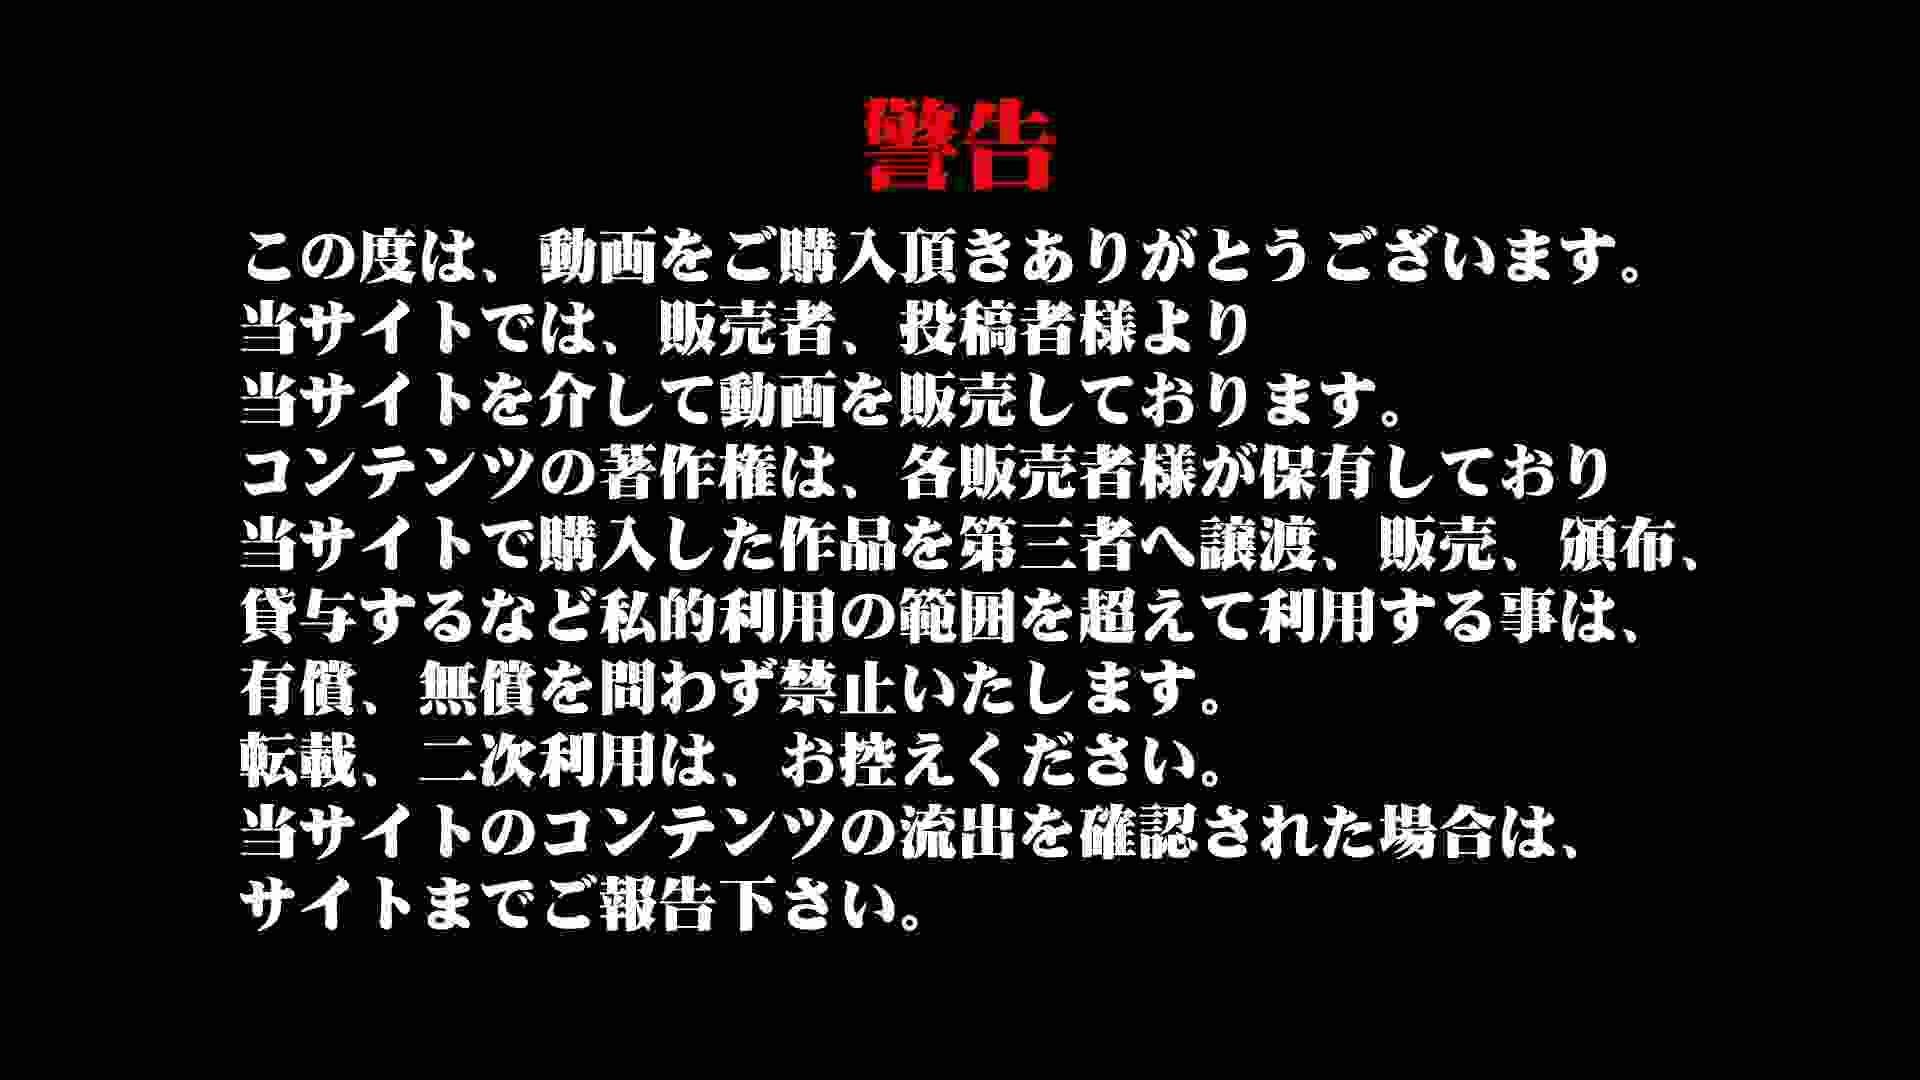 芸術大学ガチ潜入盗撮 JD盗撮 美女の洗面所の秘密 Vol.82 OLのボディ AV動画キャプチャ 83PIX 3